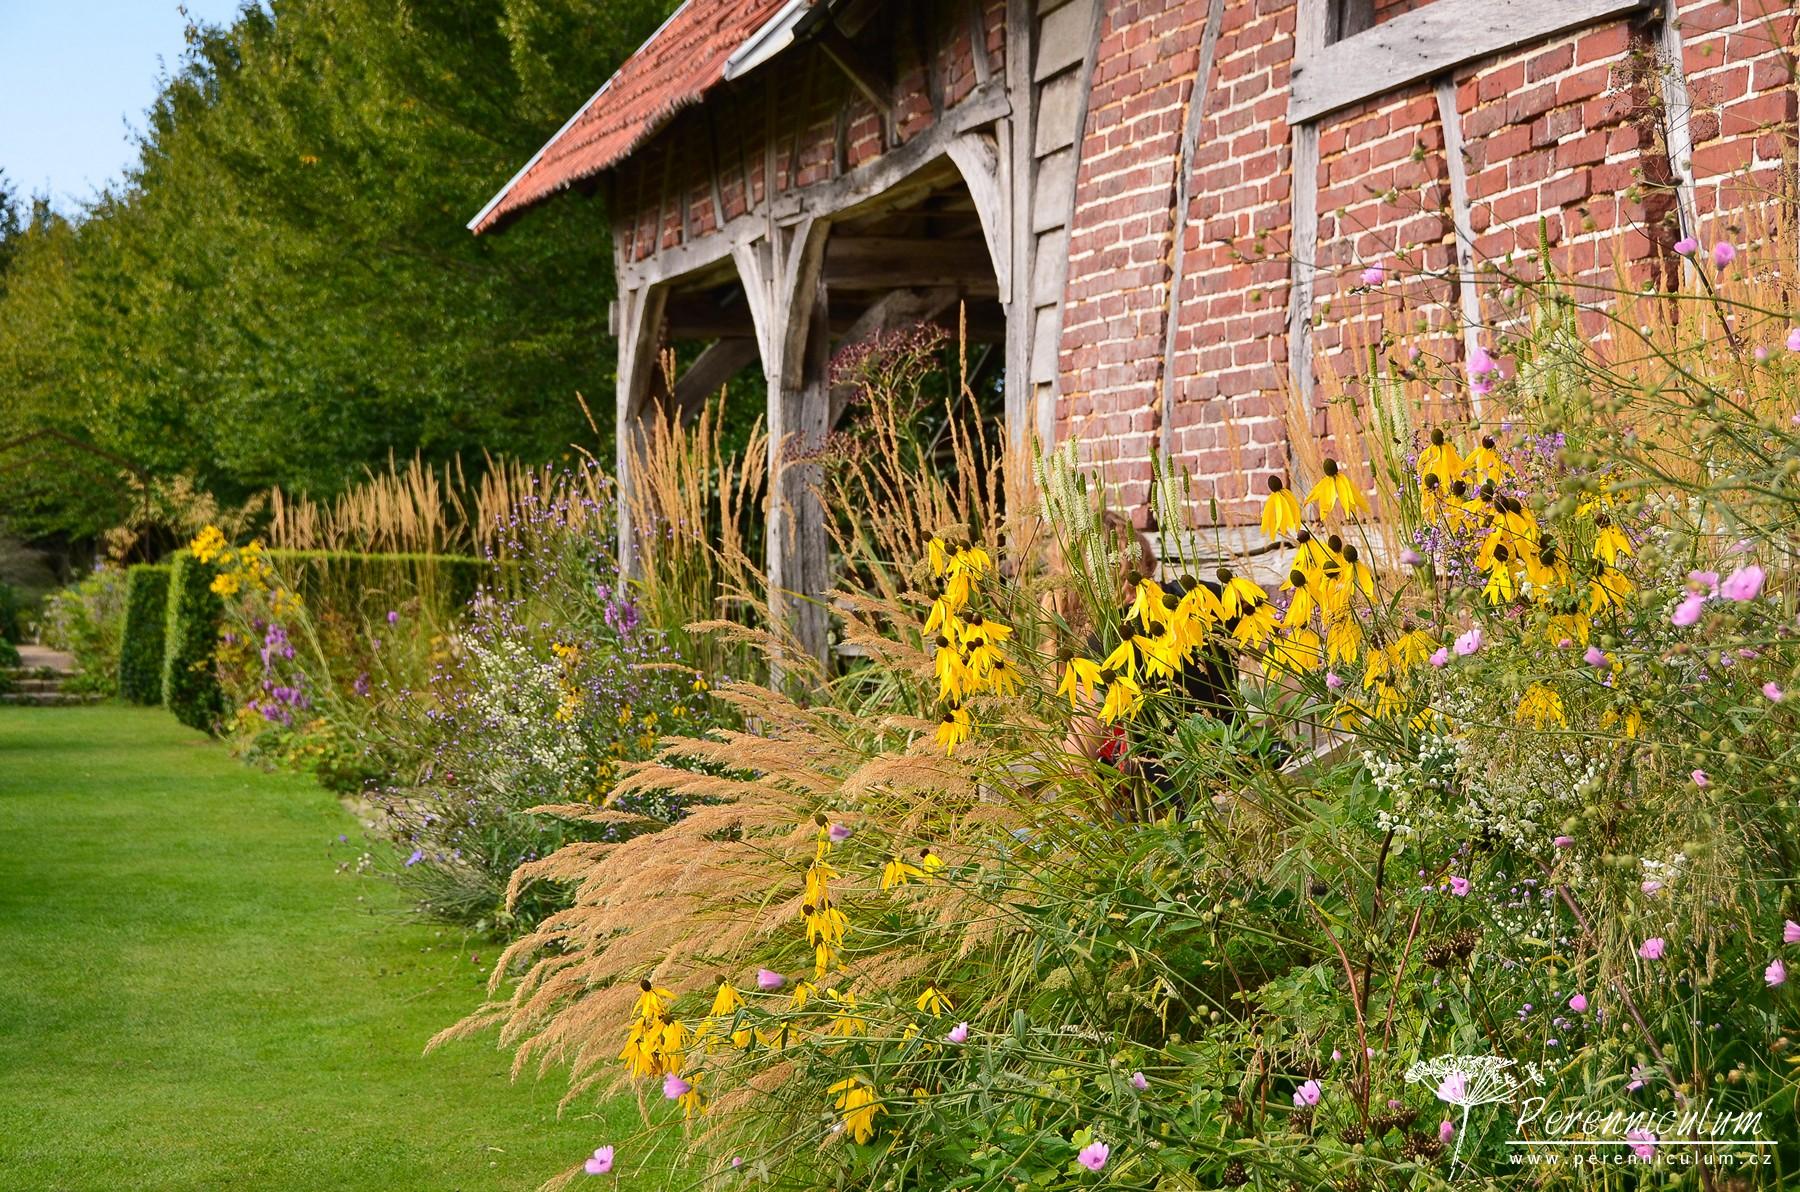 Stará cihlová stodola slouží jako letní odpočívadlo s výhledem na rozvolněné výsadby.